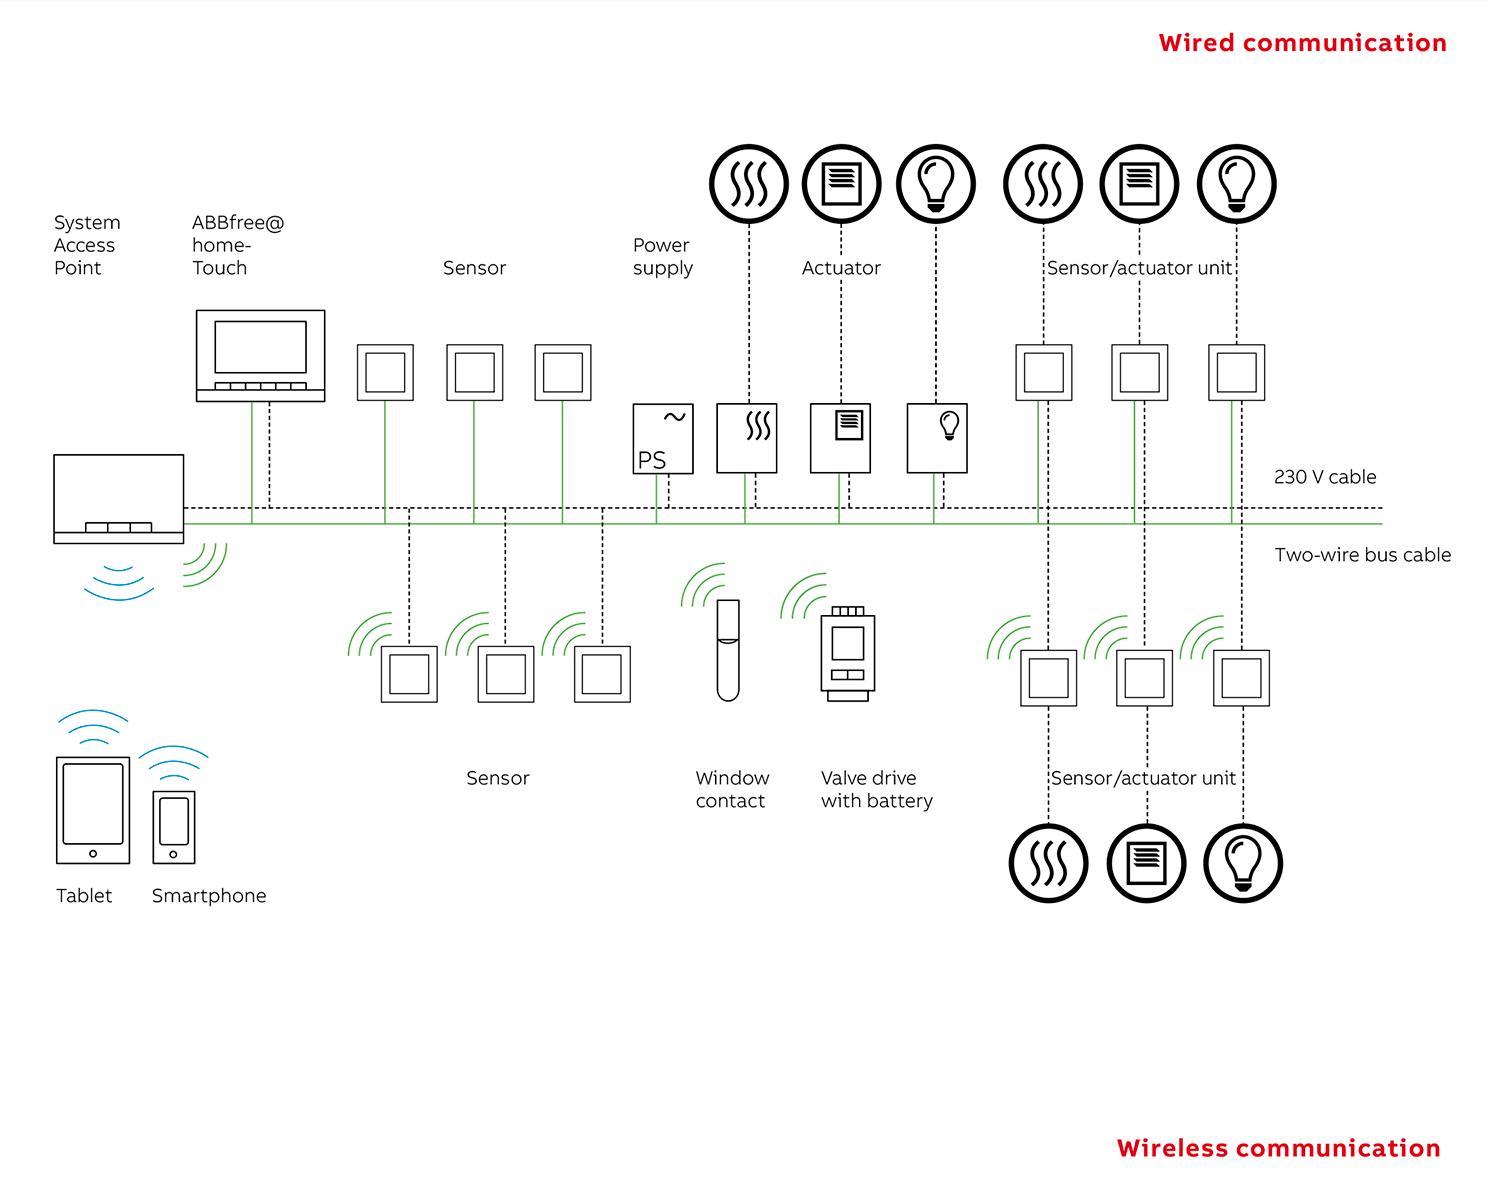 توپولوژی در خانه هوشمند KNX ، توپولوژی در هوشمند سازی ساختمان KNX ، هوشمند سازی knx smart home